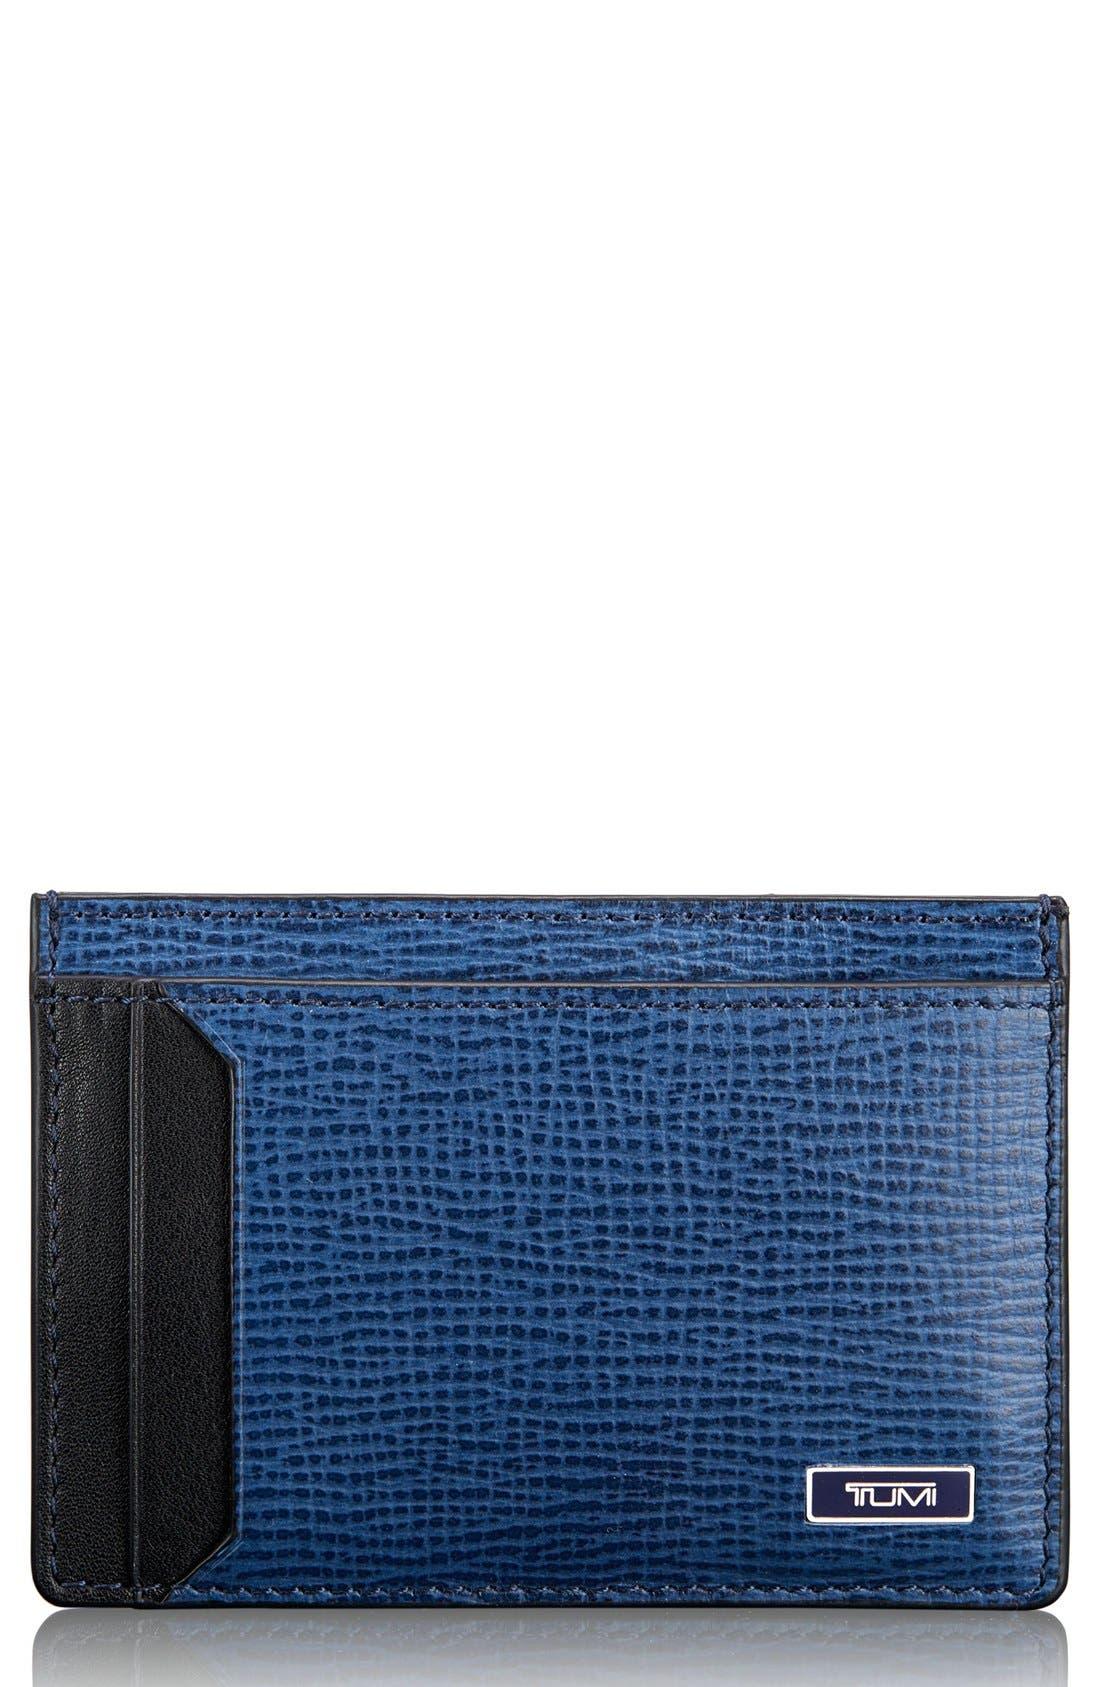 Monaco Leather Money Clip Card Case,                             Main thumbnail 1, color,                             Cobalt